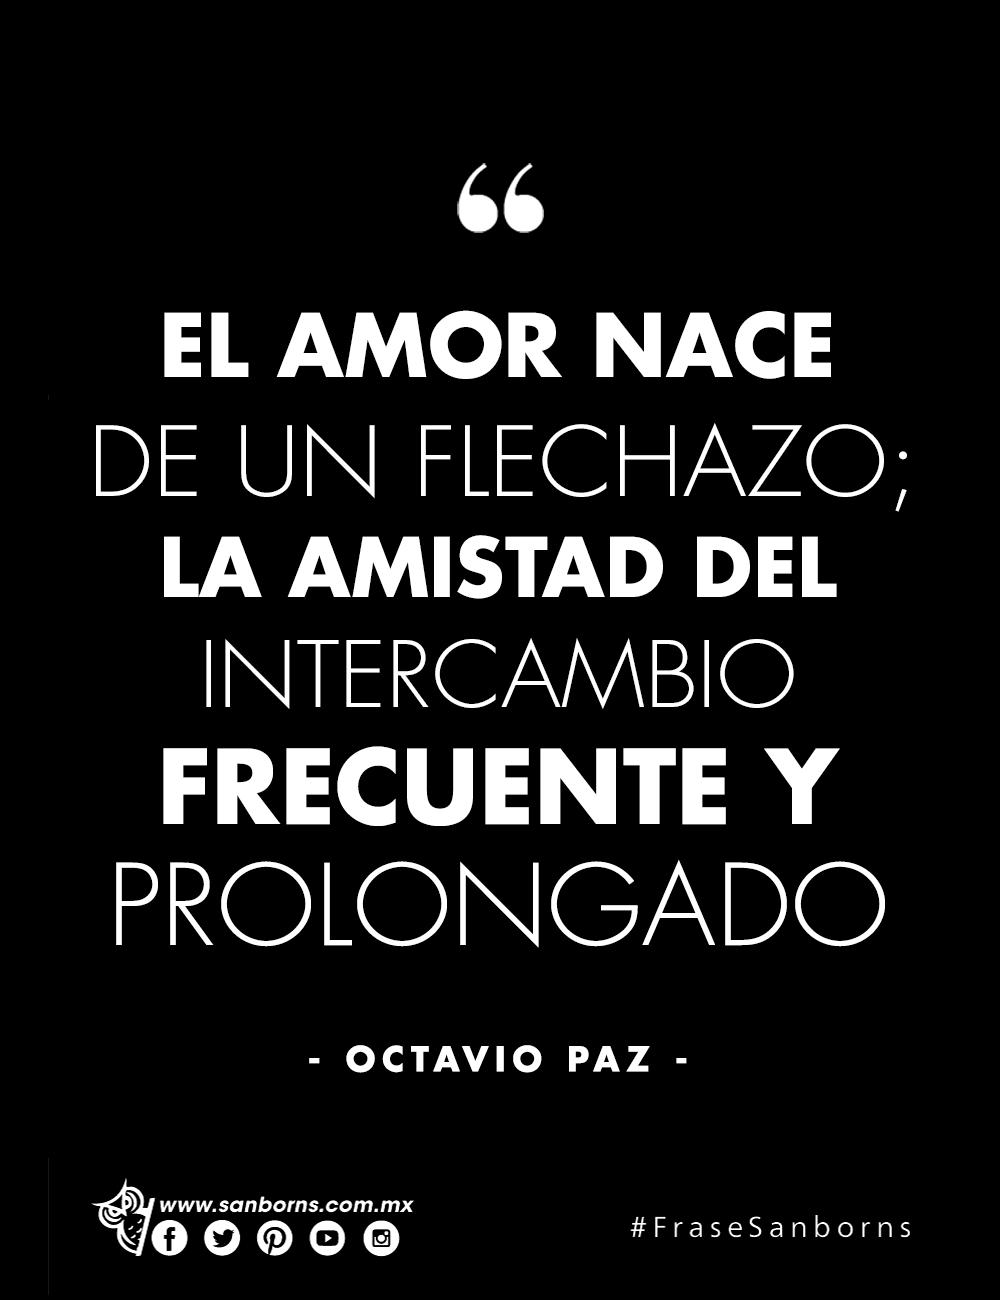 Esta Frase De Octavio Paz Nos Hace Reflexionar Sobre La